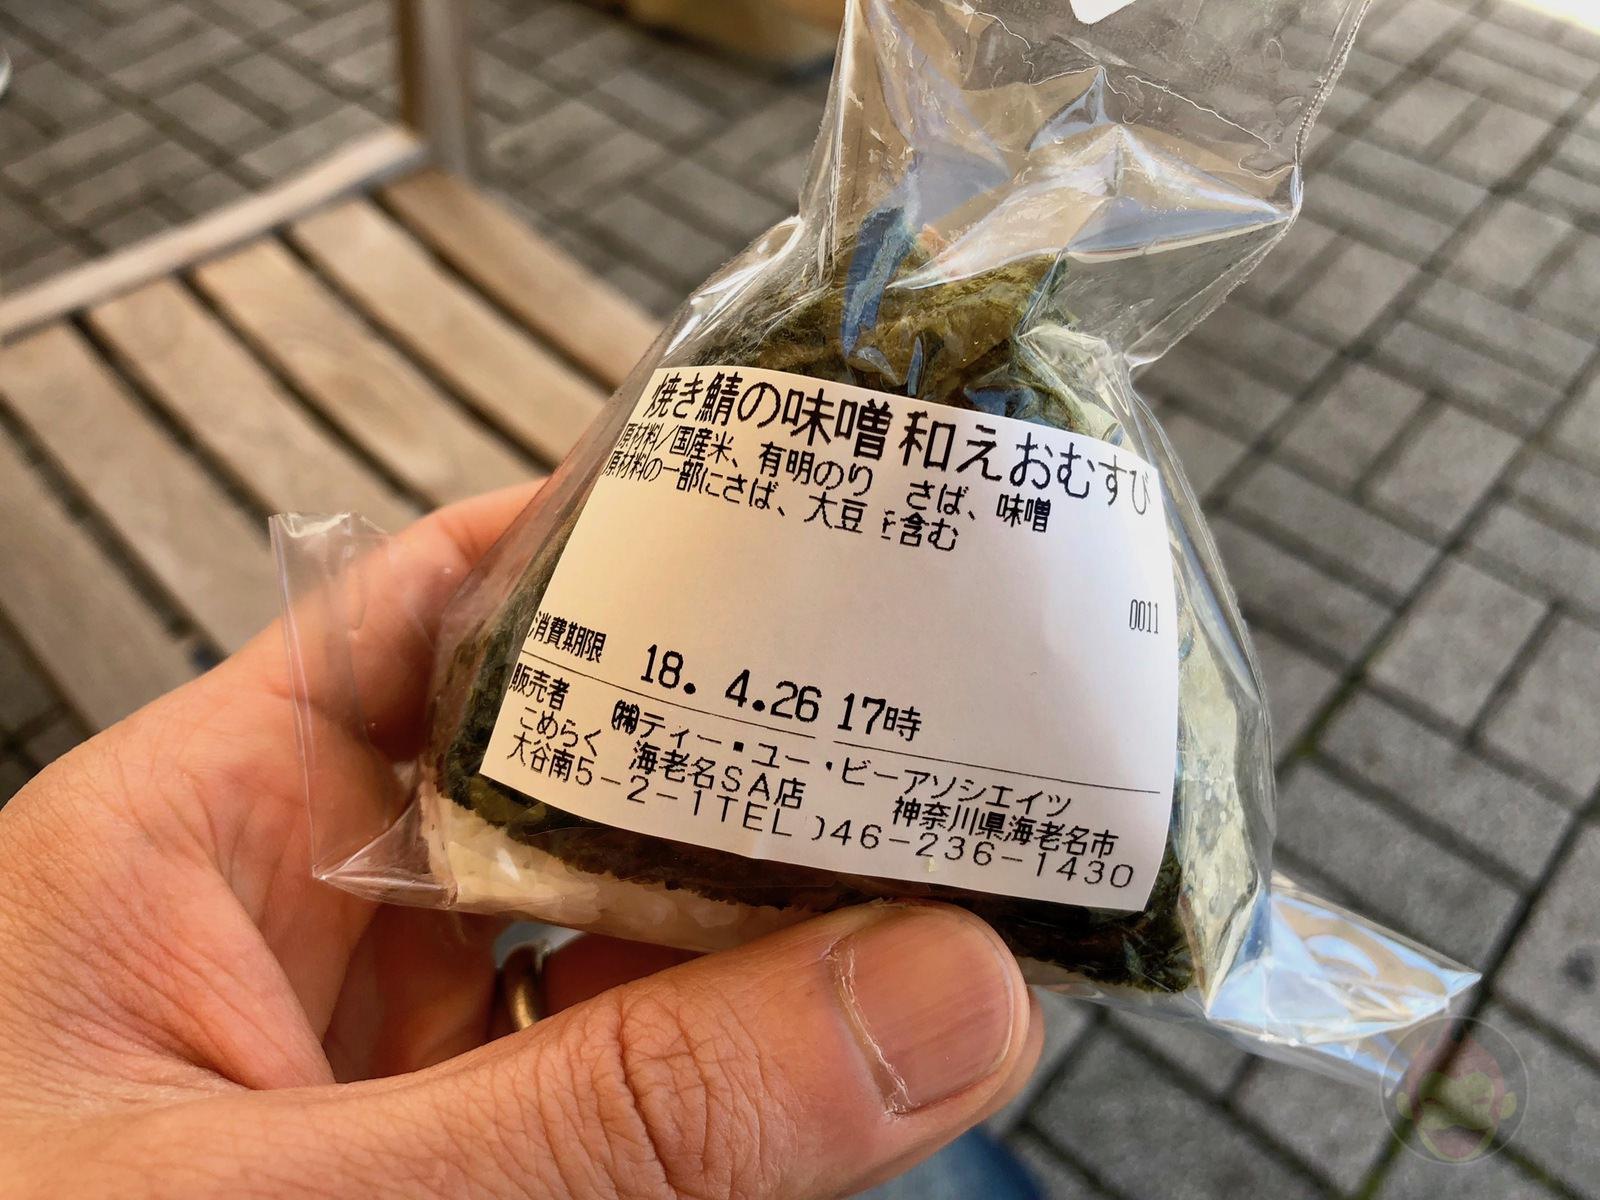 Komeraku Honjitsu Omusubi Biyori Ebina Parking Area 06